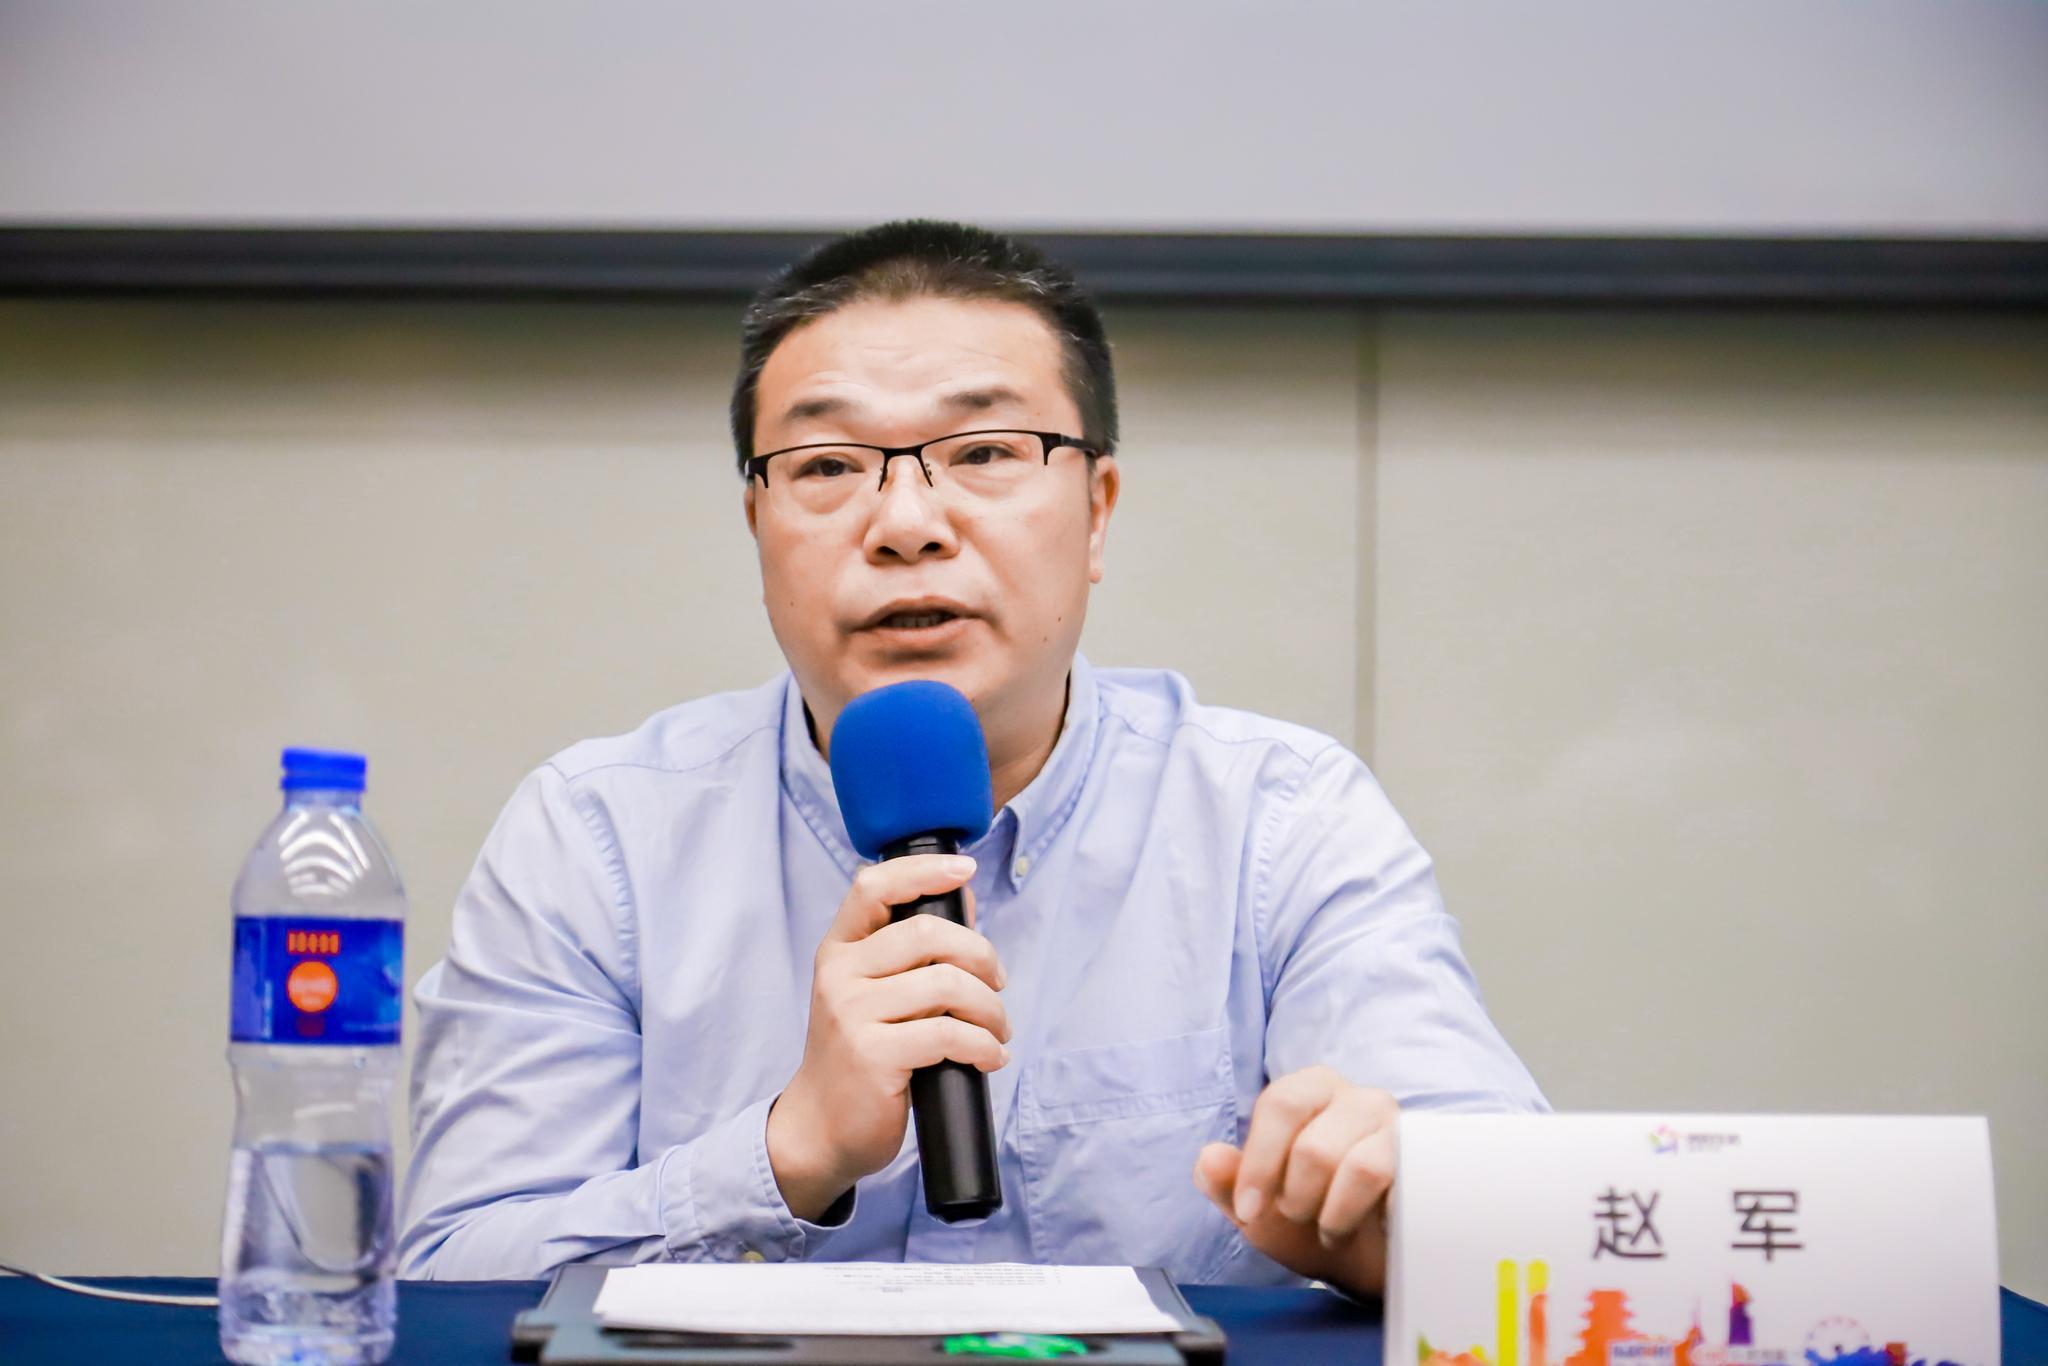 日新物业赵军:良好沟通让业委会良性成长